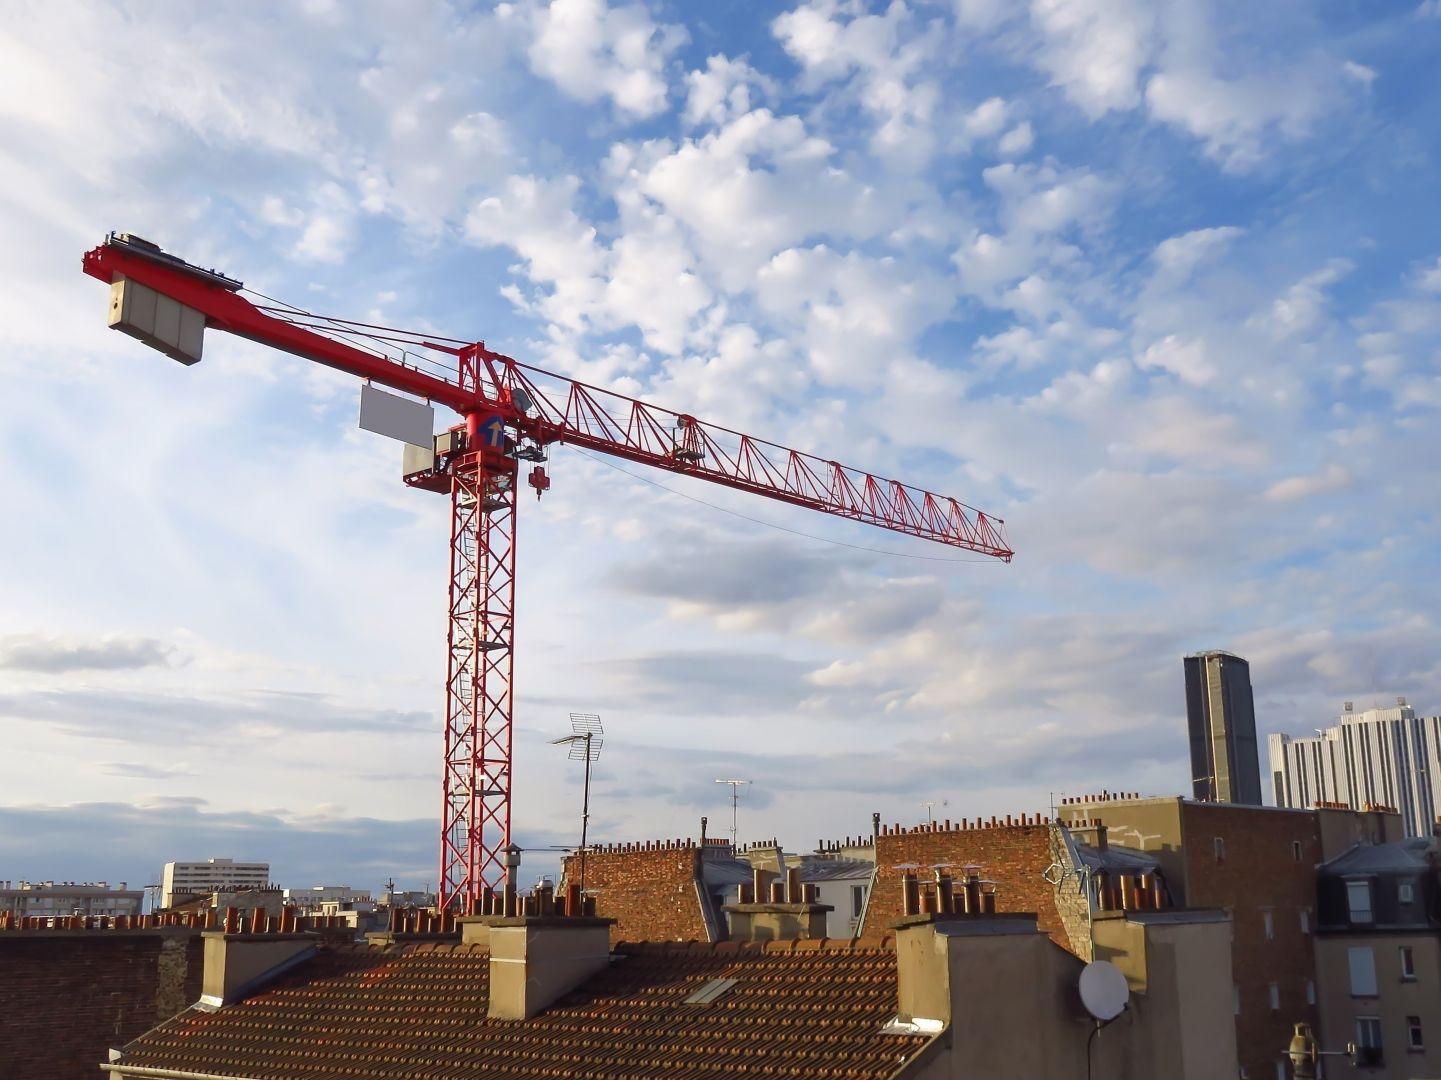 Le logement neuf en 2019 : une demande soutenue mais encore trop de contraintes sur l'offre